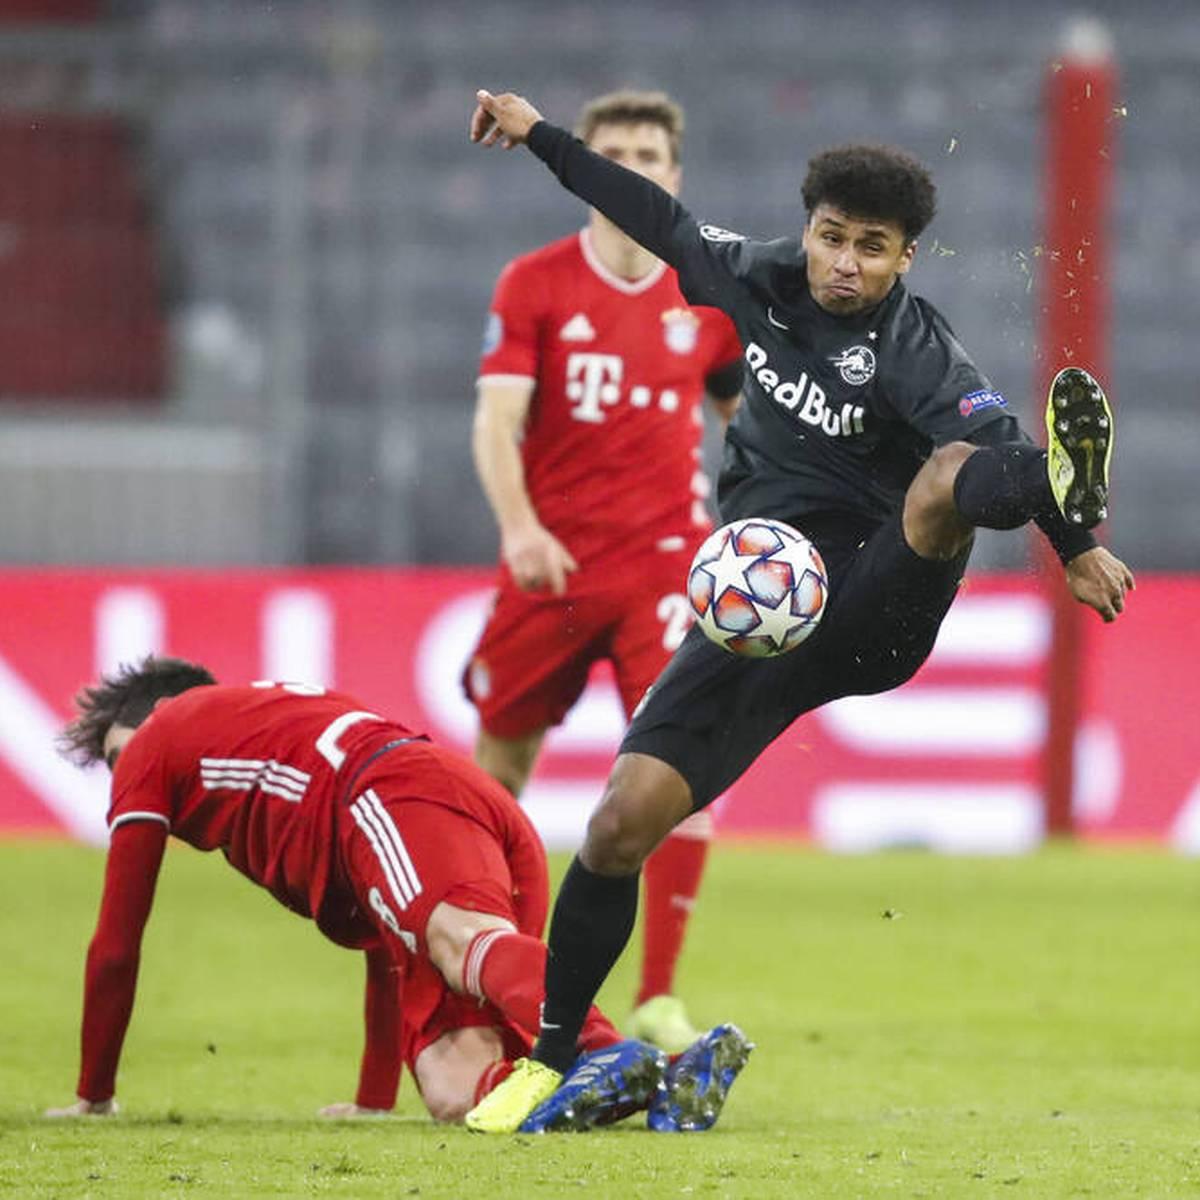 Besser BVB als Bayern? Wohin Adeyemi wechseln sollte